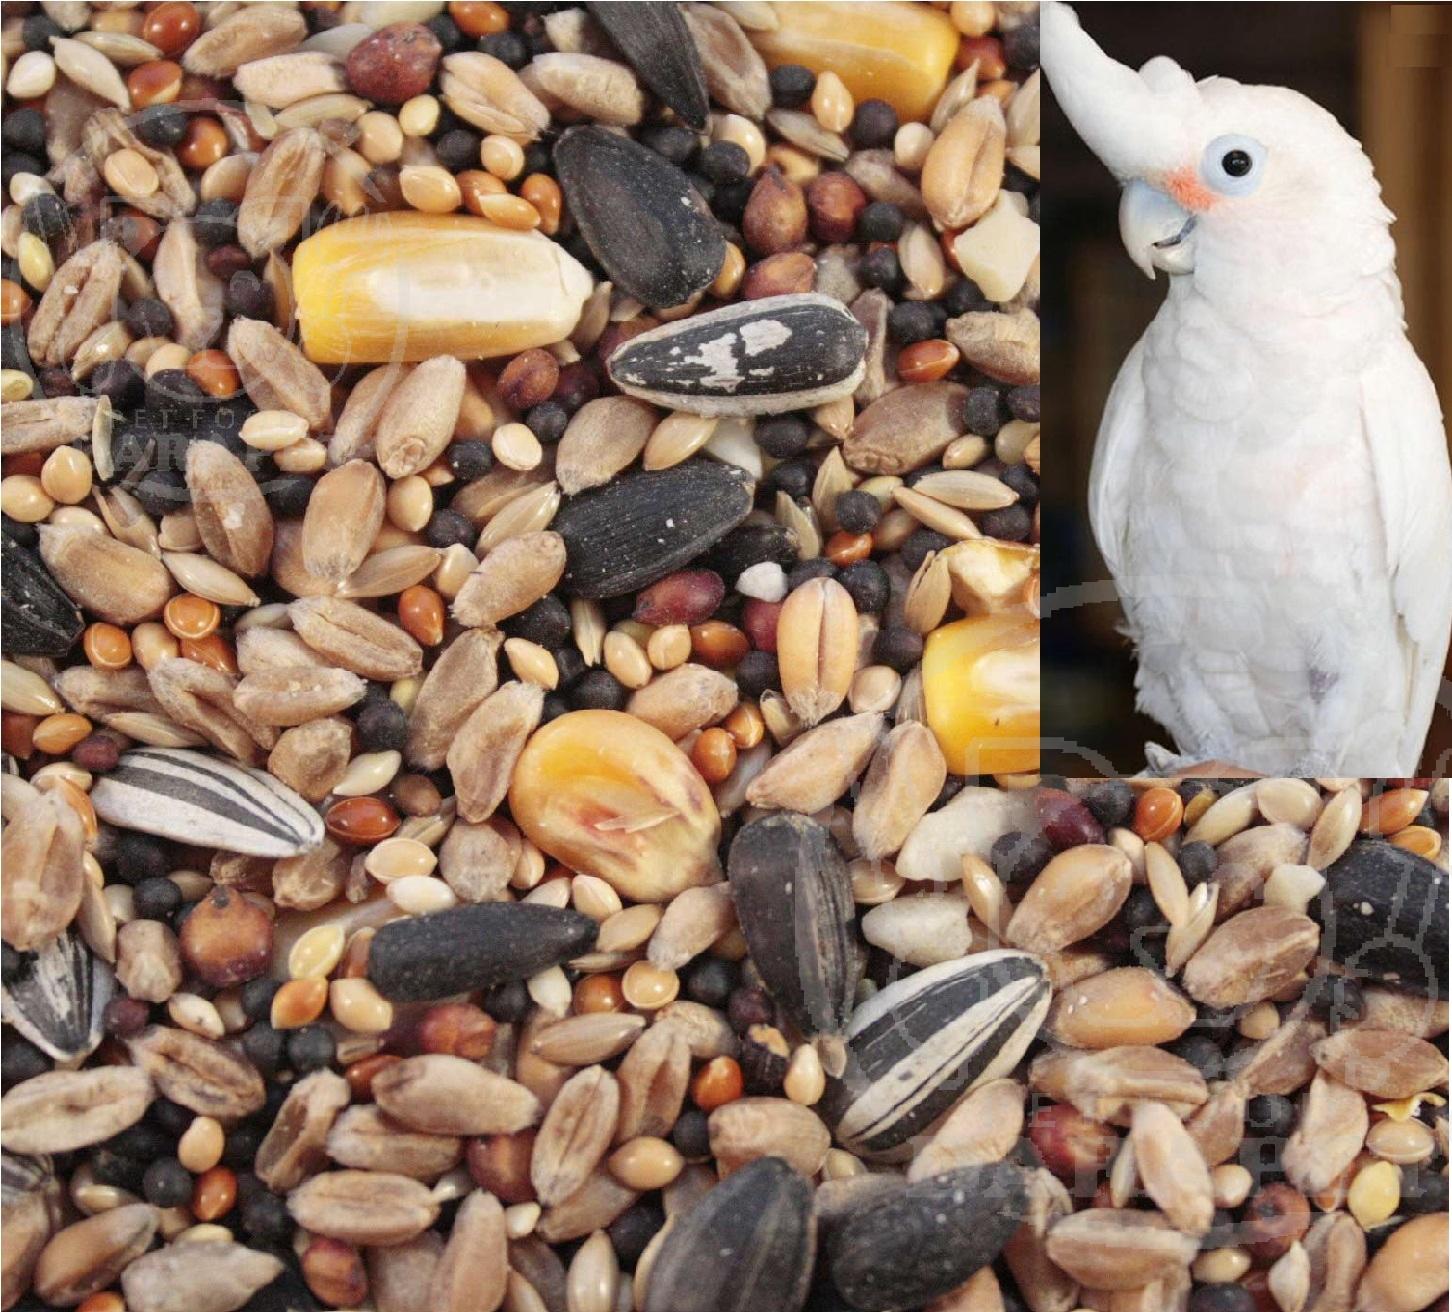 کلی فروشی غذای پرنده طوطی مقوی